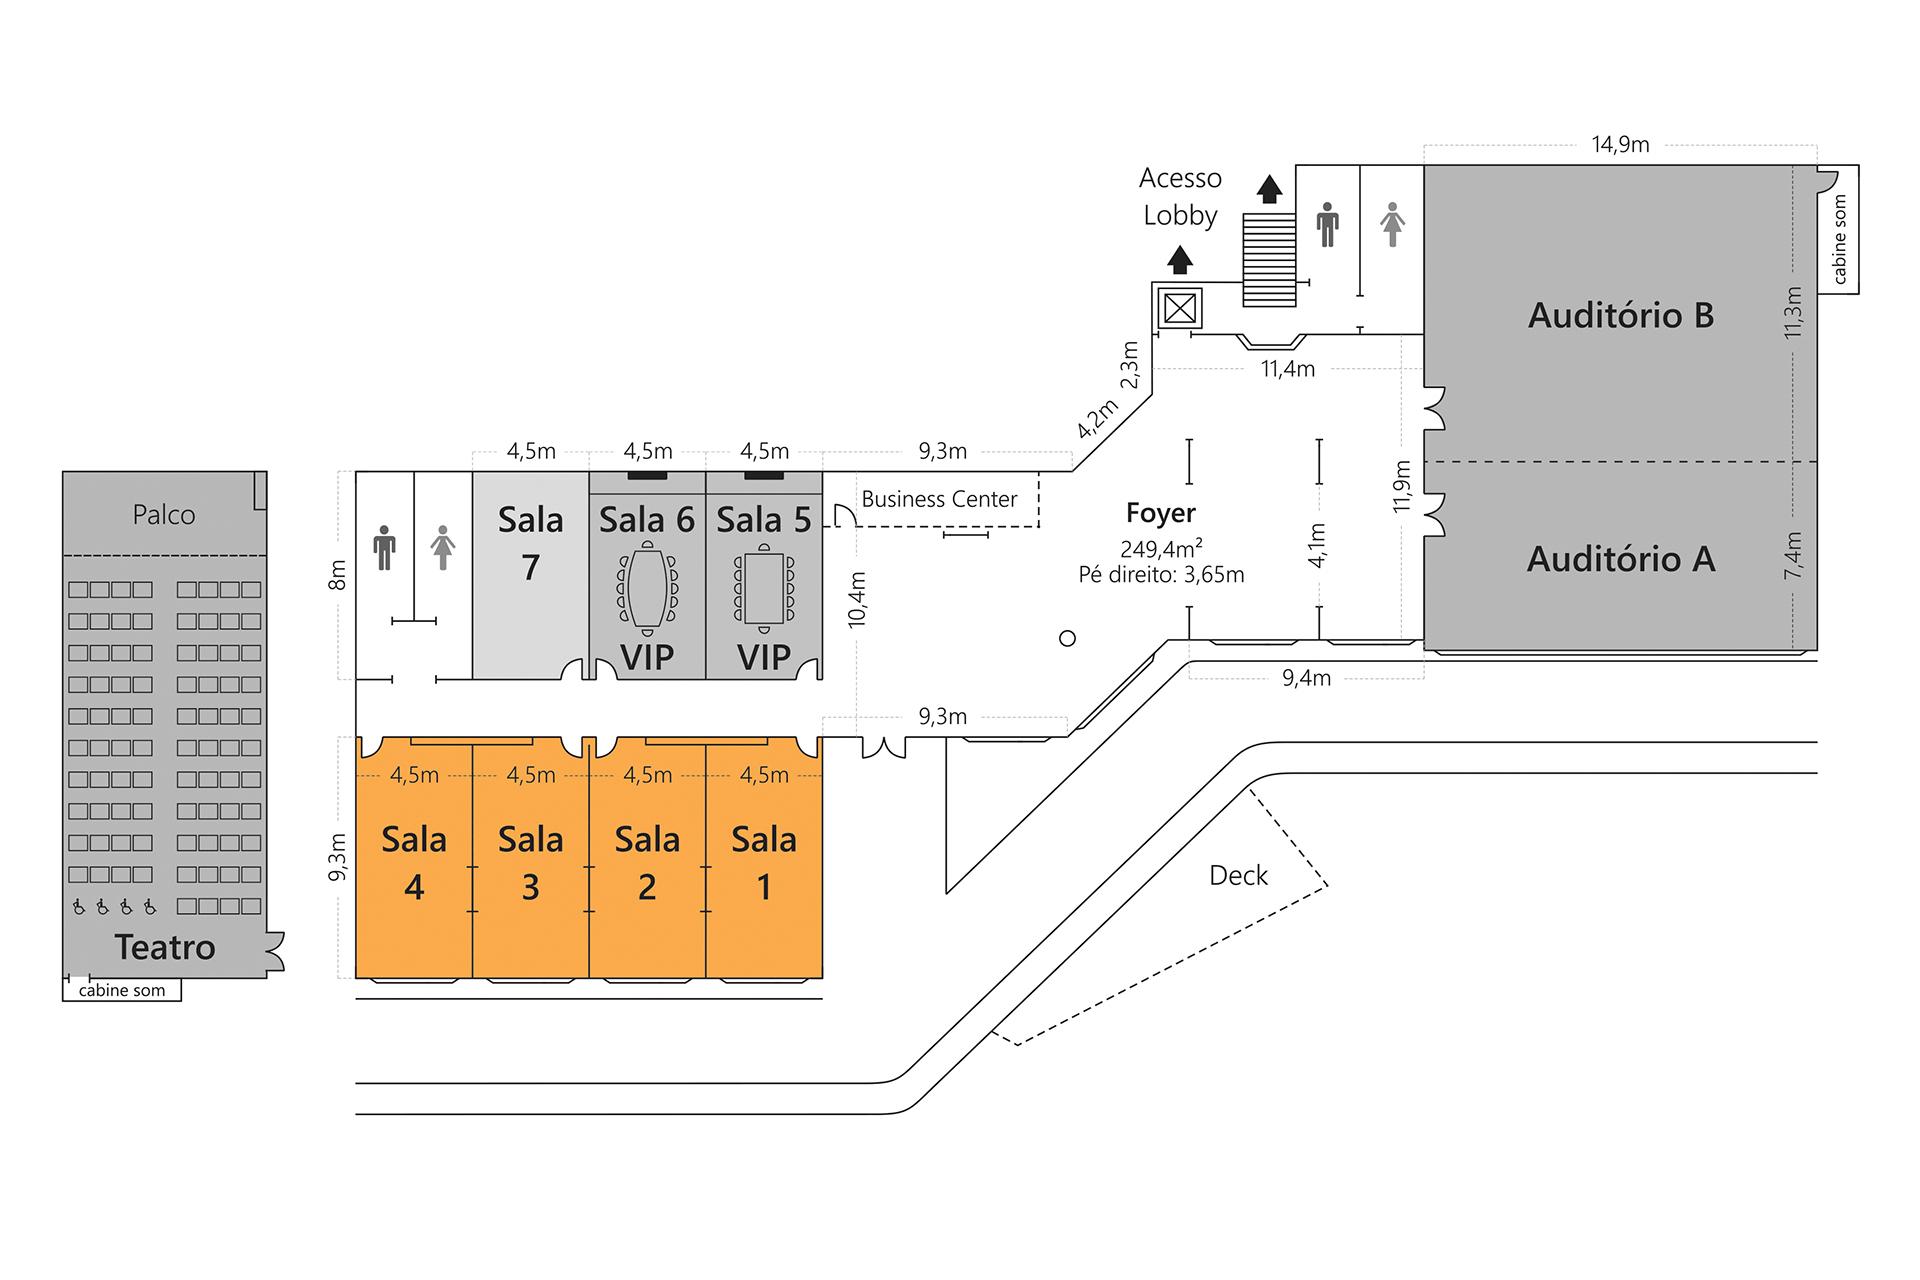 Grande Hotel Campos do Jordão - Planta Salas 1 a 4